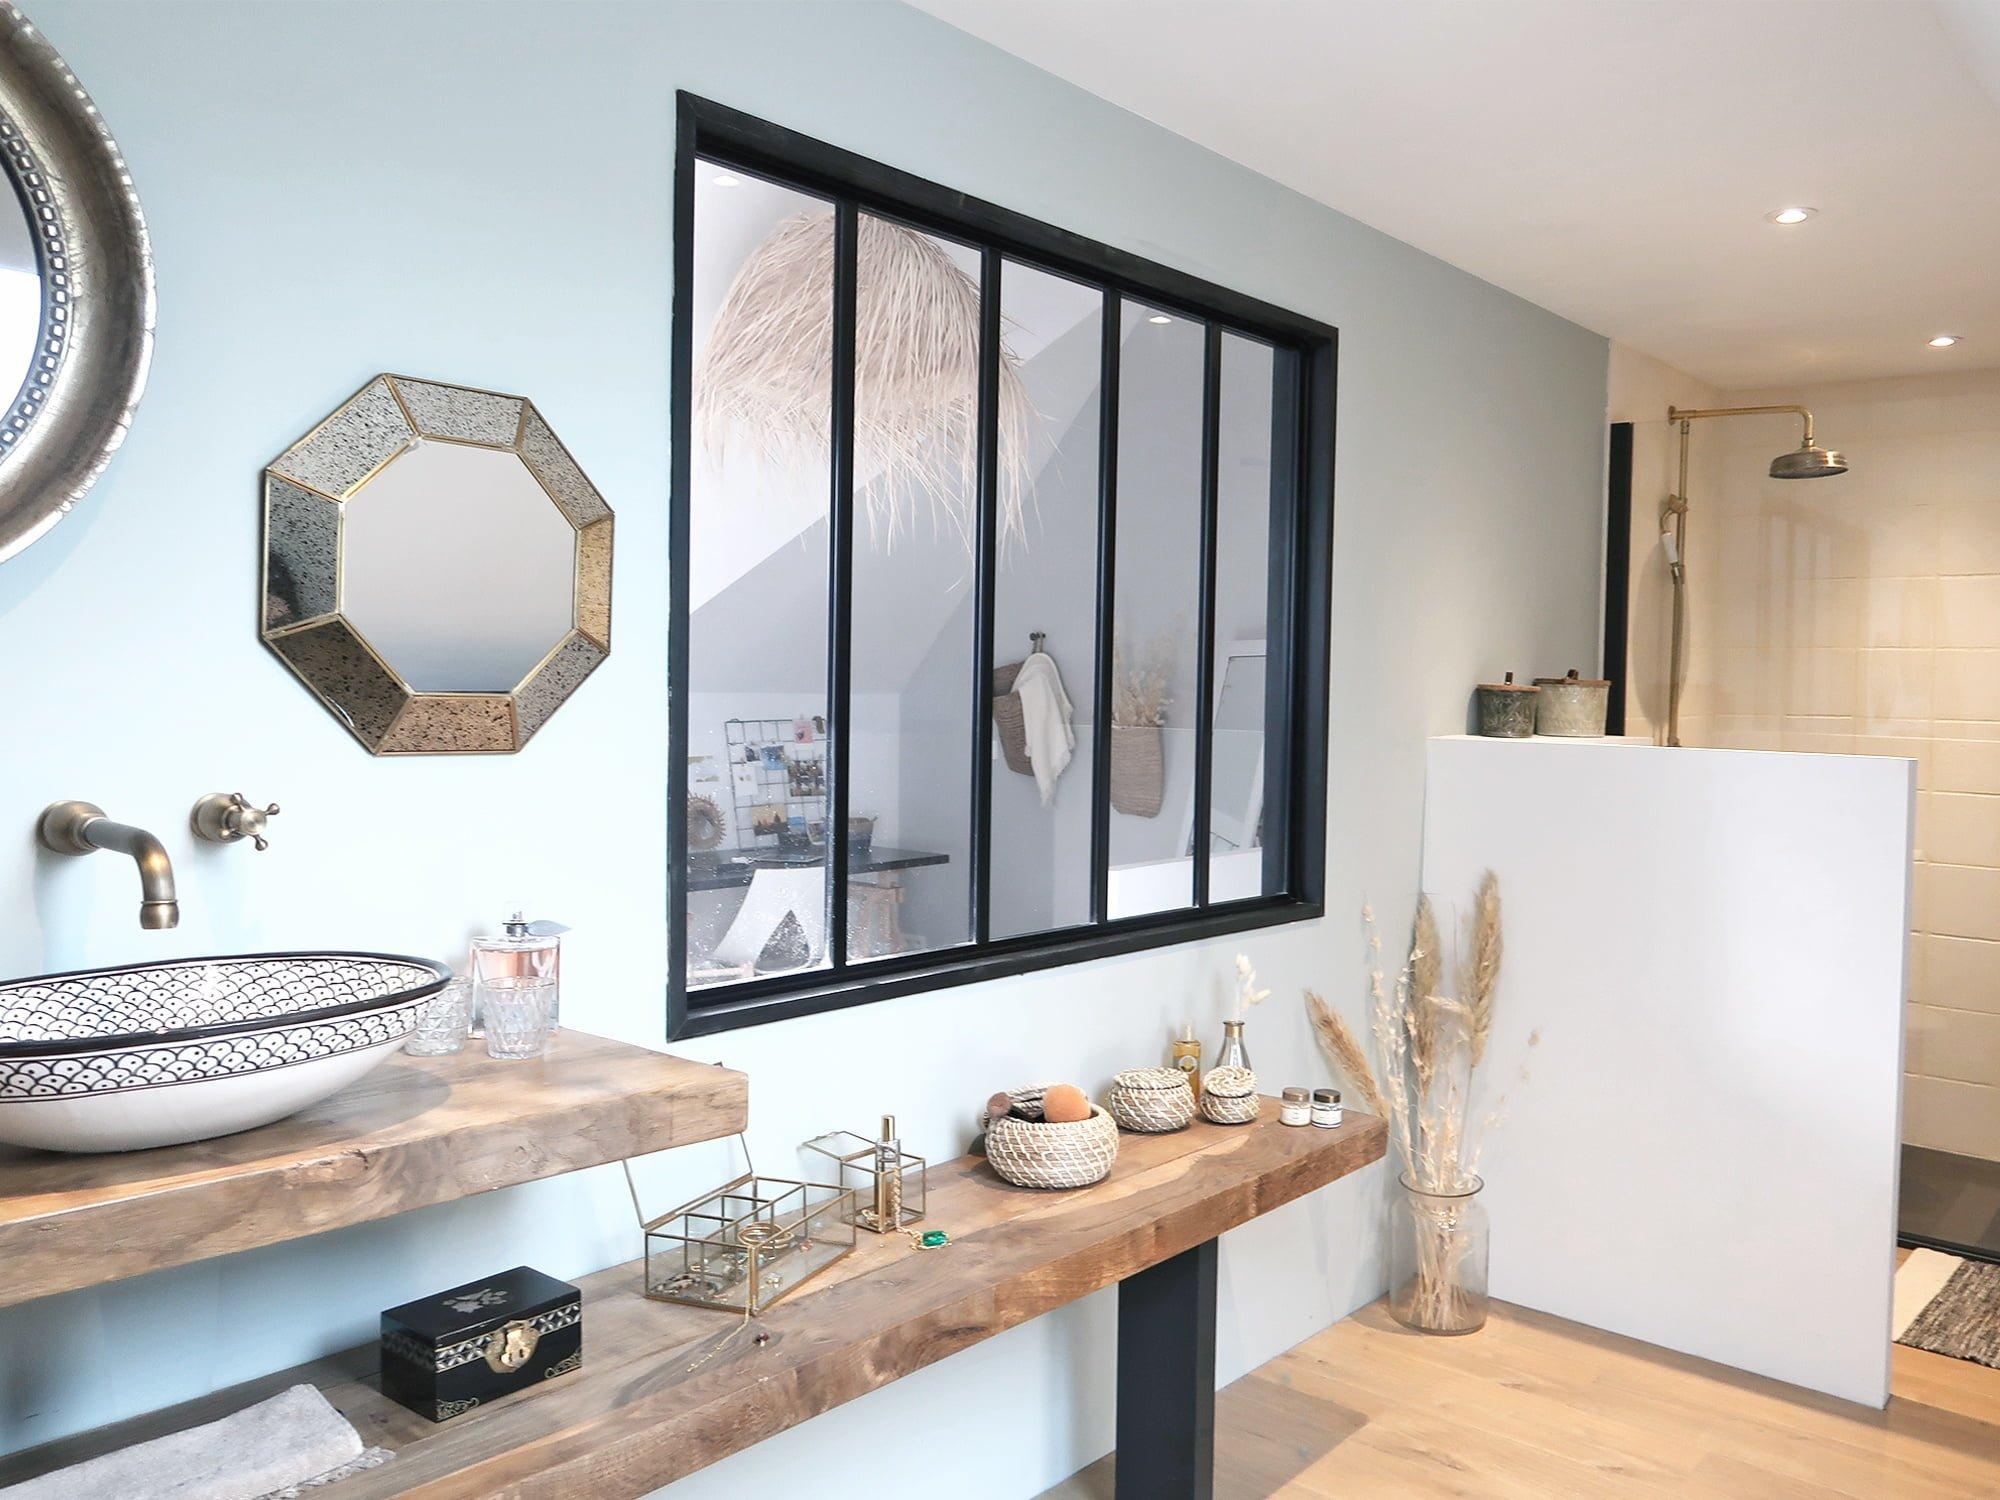 salle de bain vasque agencement architecte intérieur vannes